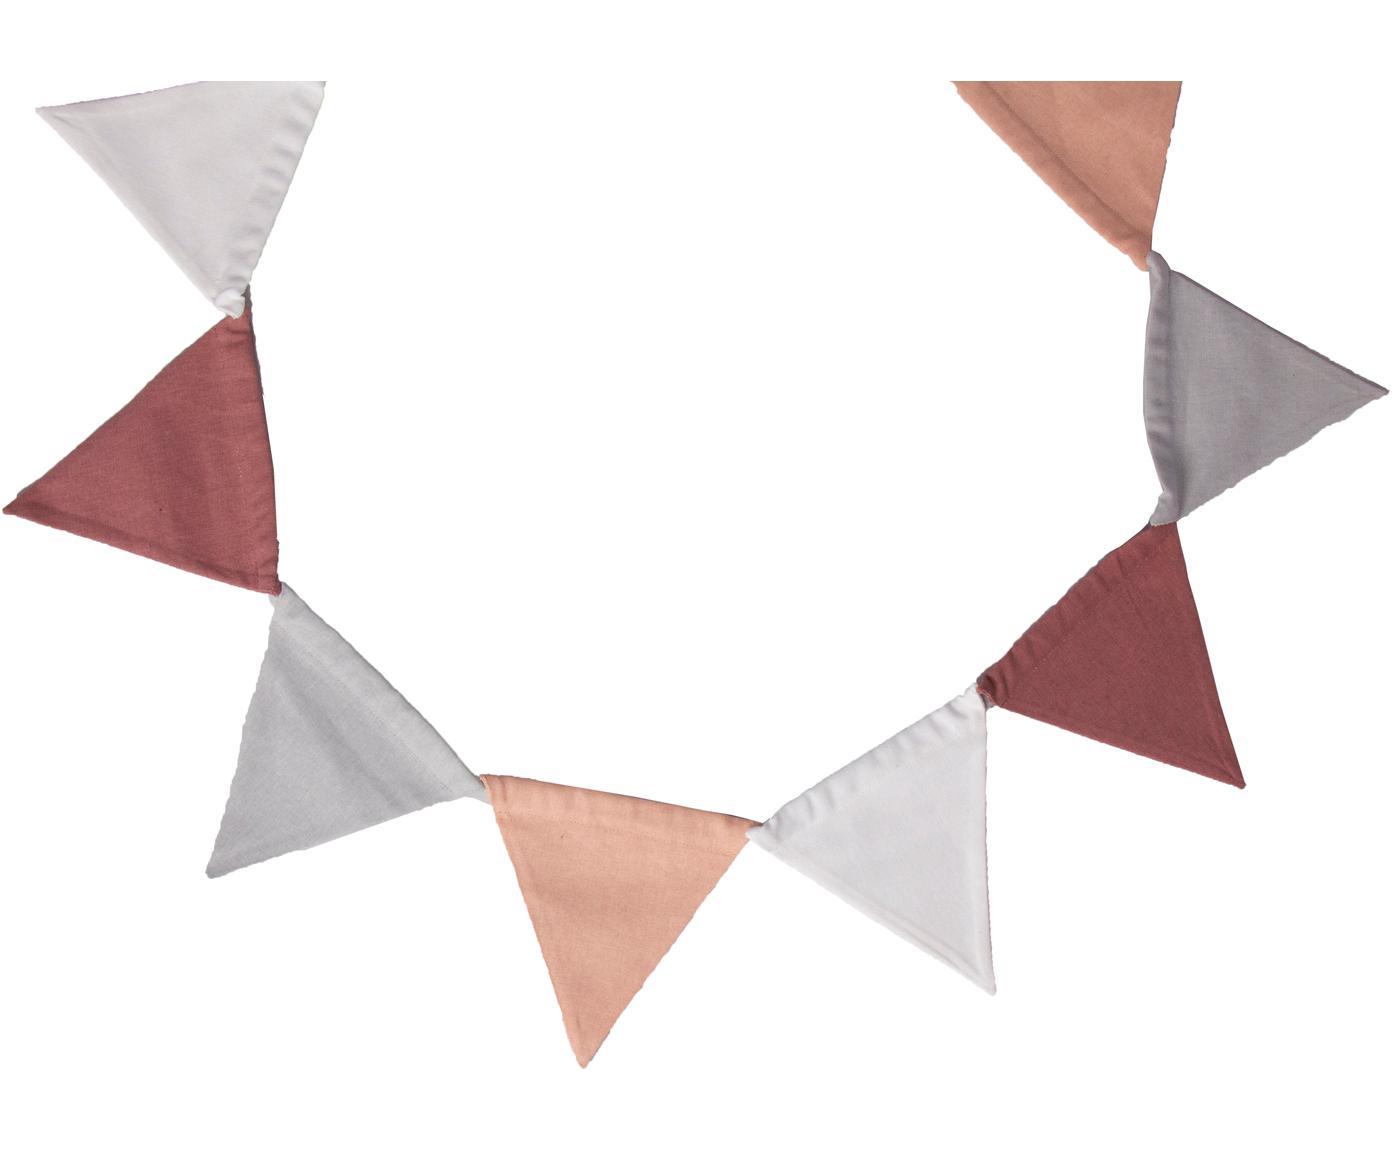 Girlande Vimply, Baumwolle, Rosa, Grau, Weiß, Dunkelrot, L 250 cm